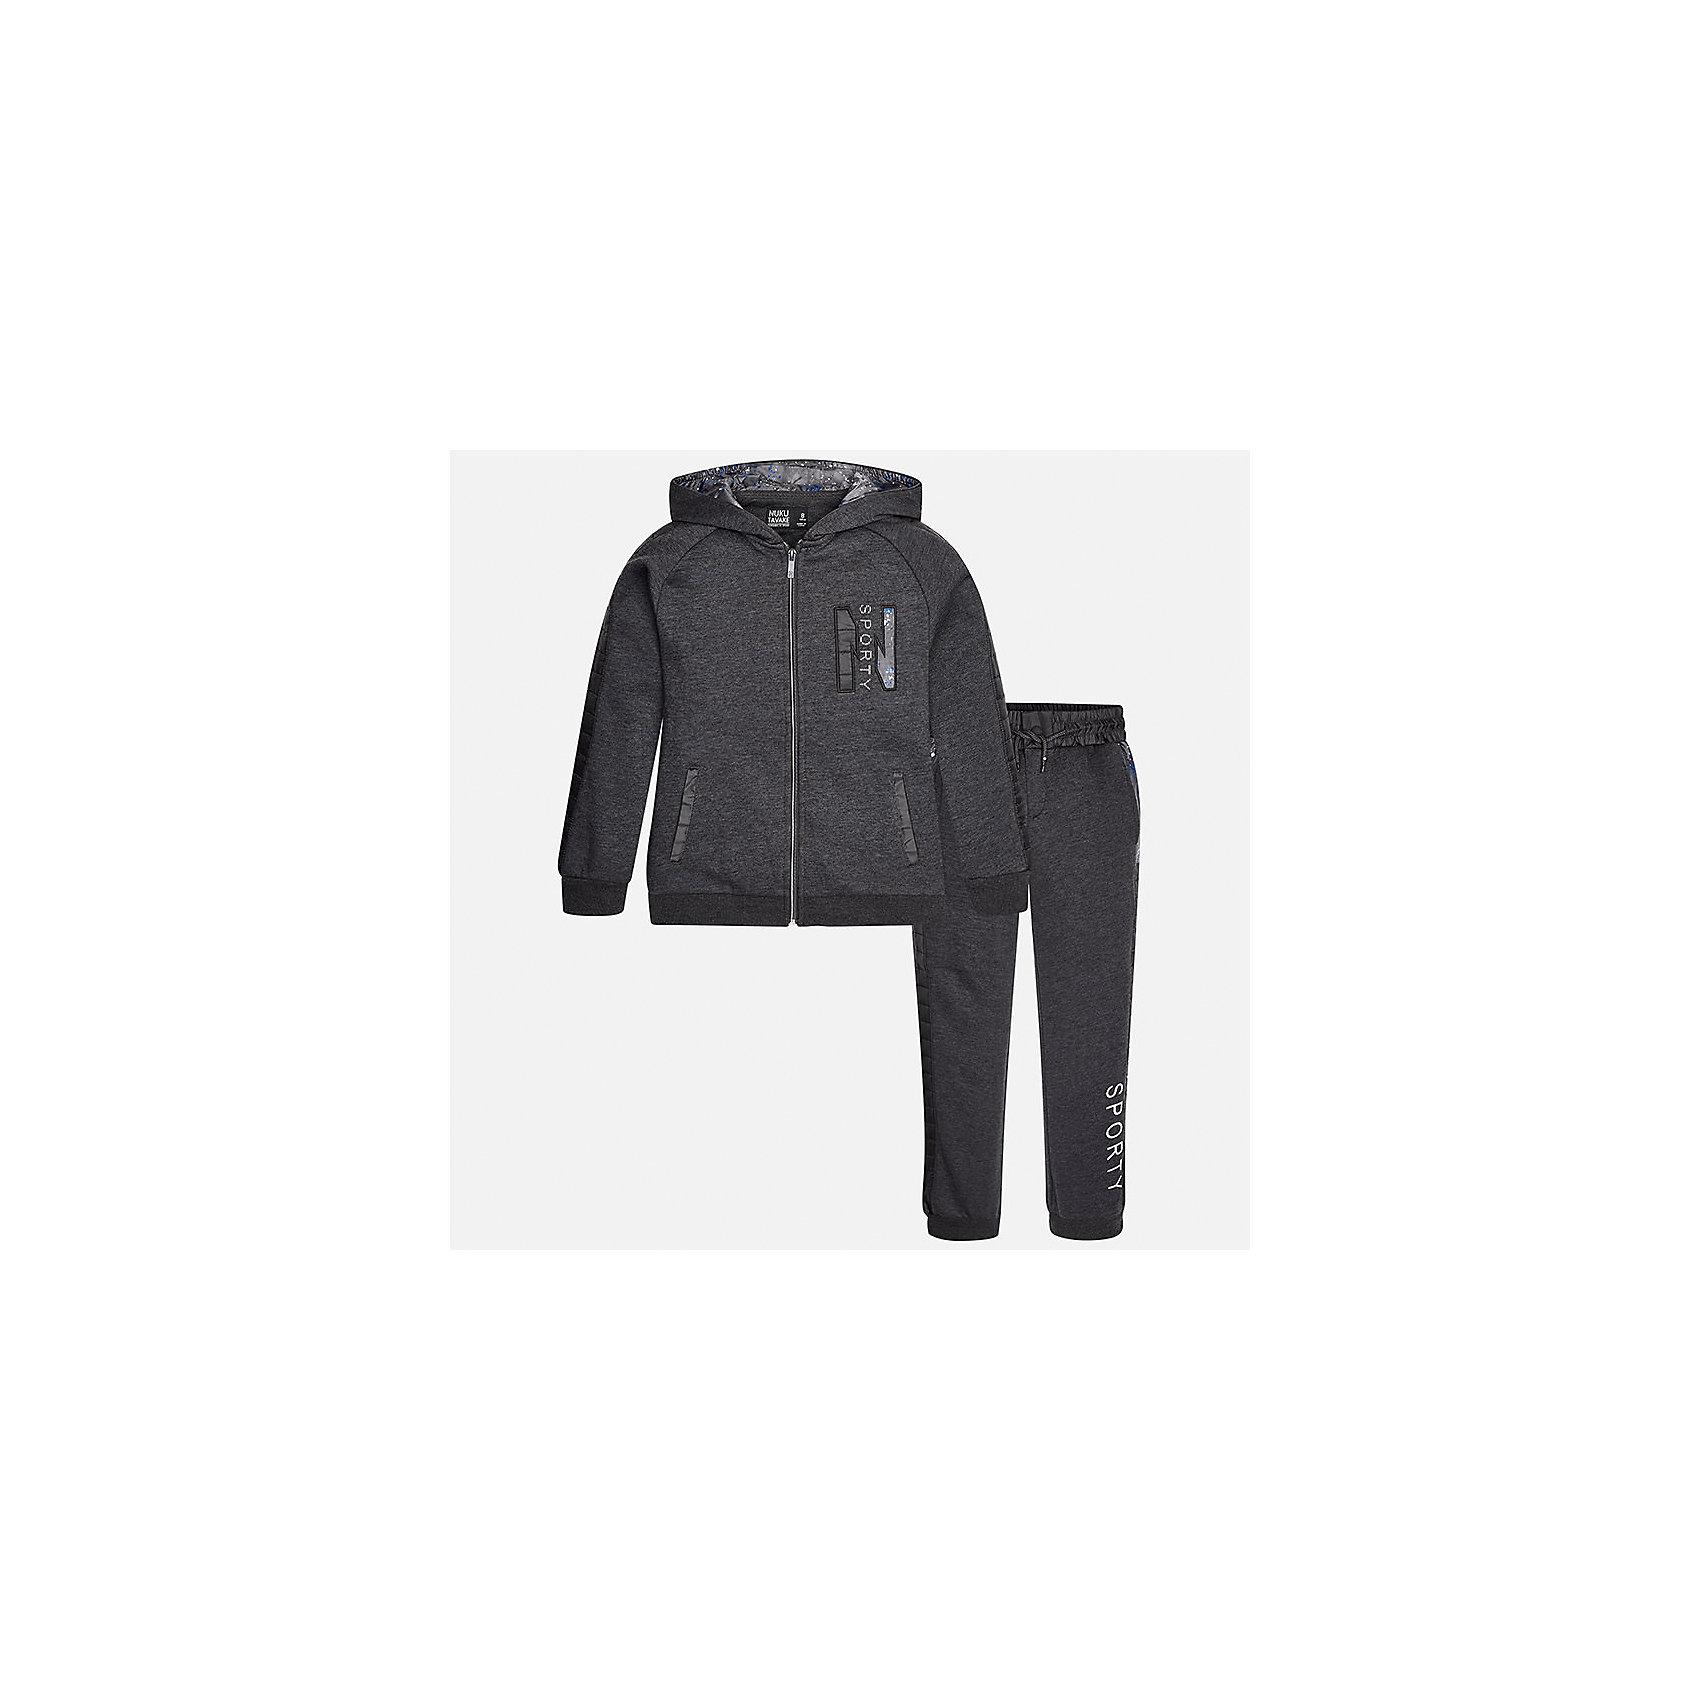 Спортивный костюм для мальчика MayoralКомплекты<br>Характеристики товара:<br><br>• цвет: серый<br>• комплектация: курточка и брюки<br>• состав ткани курточки: 60% хлопок, 40% полиэстер<br>• состав ткани брюк: 60% хлопок, 40% полиэстер<br>• длинные рукава<br>• застежка: молния<br>• пояс: резинка и шнурок<br>• особенности модели: спортивный стиль<br>• сезон: демисезон<br>• страна бренда: Испания<br>• страна изготовитель: Индия<br><br>В детском спортивном костюме от испанской компании Майорал ребенок будет выглядеть модно, а чувствовать себя - комфортно. Спортивный костюм для ребенка сделан материала с преобладанием натурального хлопка в составе. Серый комплект для занятий спортом хорошо сидит по фигуре.<br><br>Спортивный костюм для мальчика Mayoral (Майорал) можно купить в нашем интернет-магазине.<br><br>Ширина мм: 247<br>Глубина мм: 16<br>Высота мм: 140<br>Вес г: 225<br>Цвет: серый<br>Возраст от месяцев: 168<br>Возраст до месяцев: 180<br>Пол: Мужской<br>Возраст: Детский<br>Размер: 170,128/134,140,152,158,164<br>SKU: 6939006